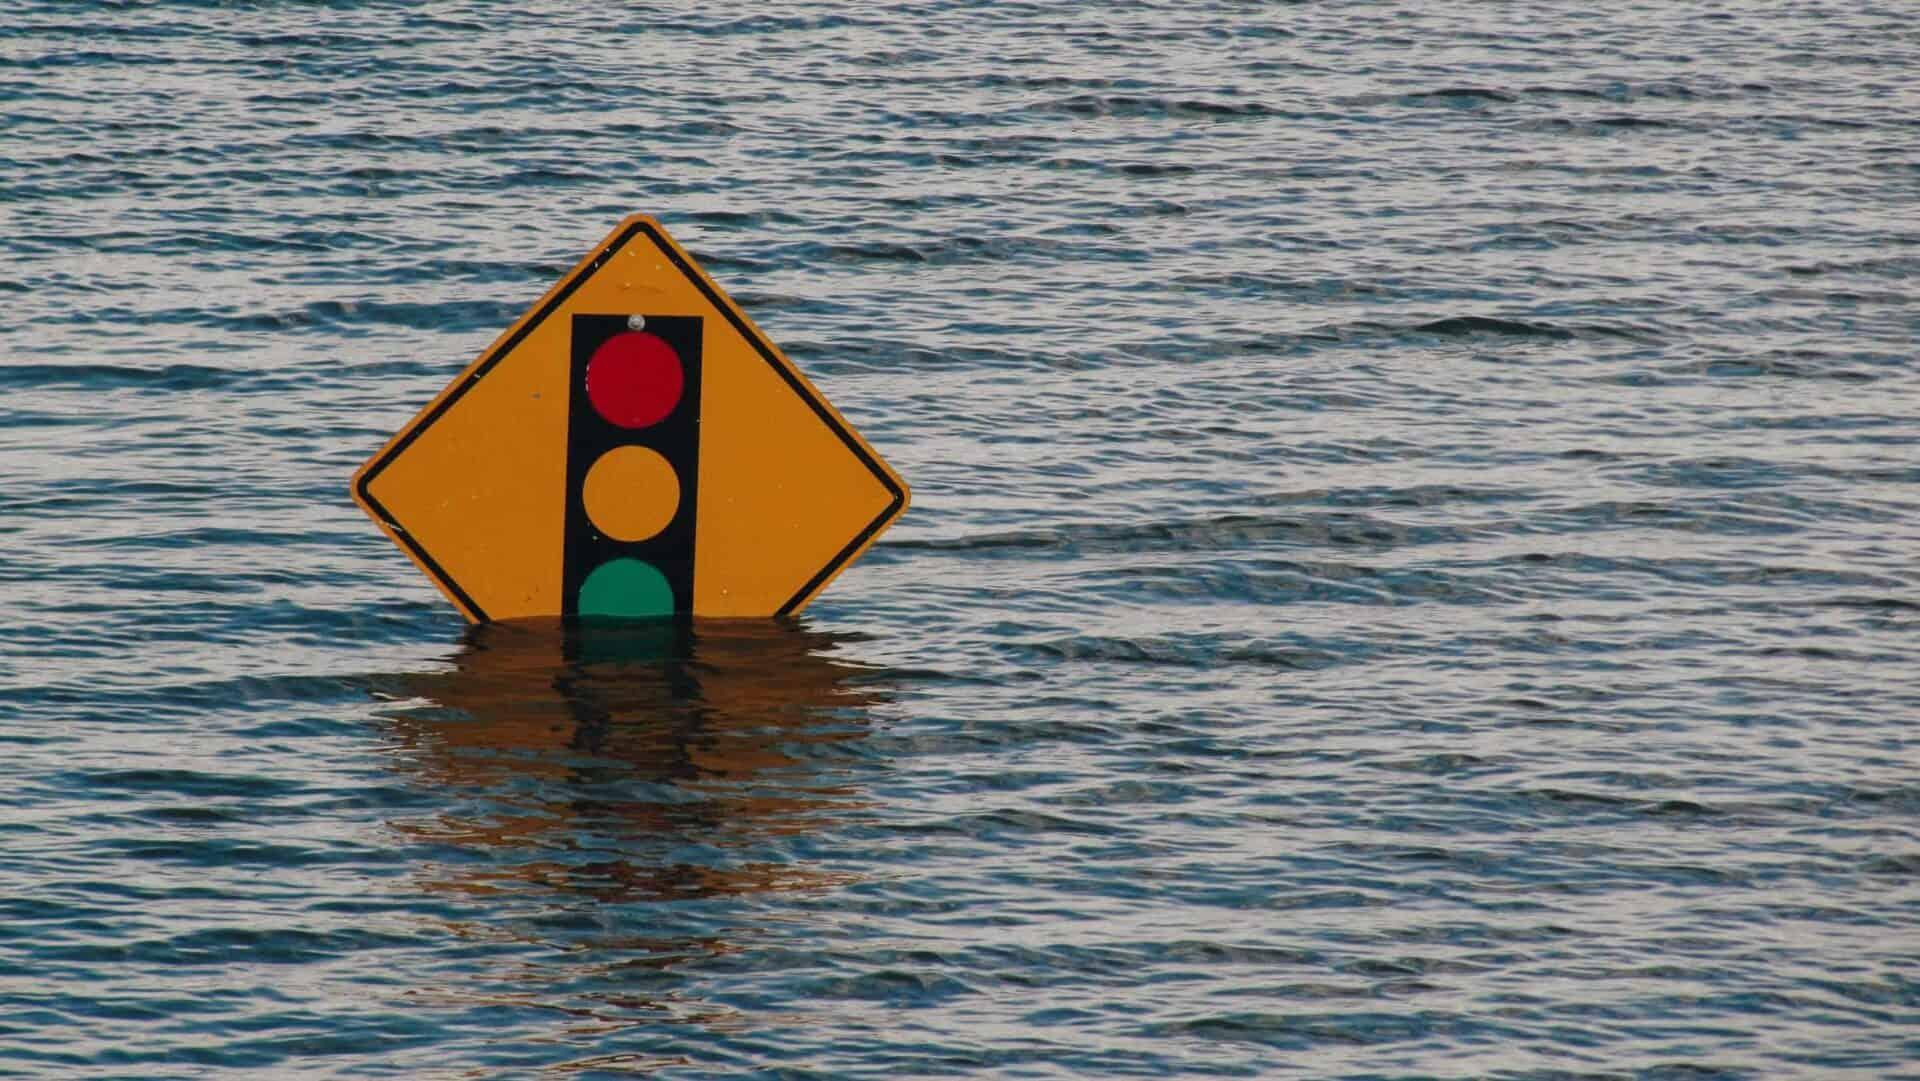 Placa representando um semáforo, submersa no mar